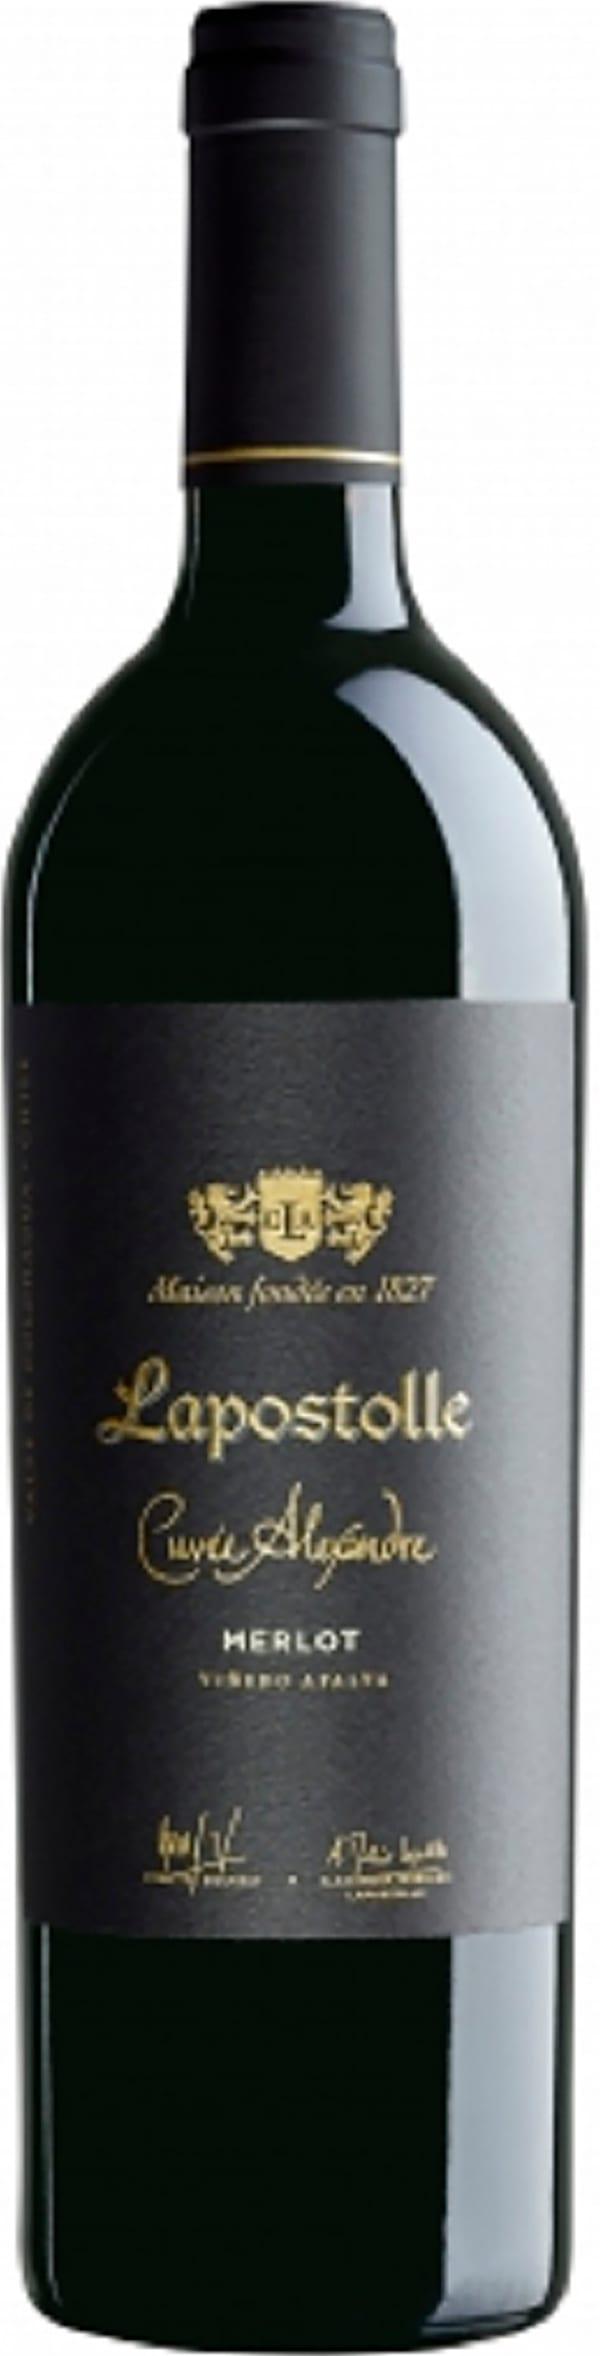 Lapostolle Cuvée Alexandre Merlot 2015